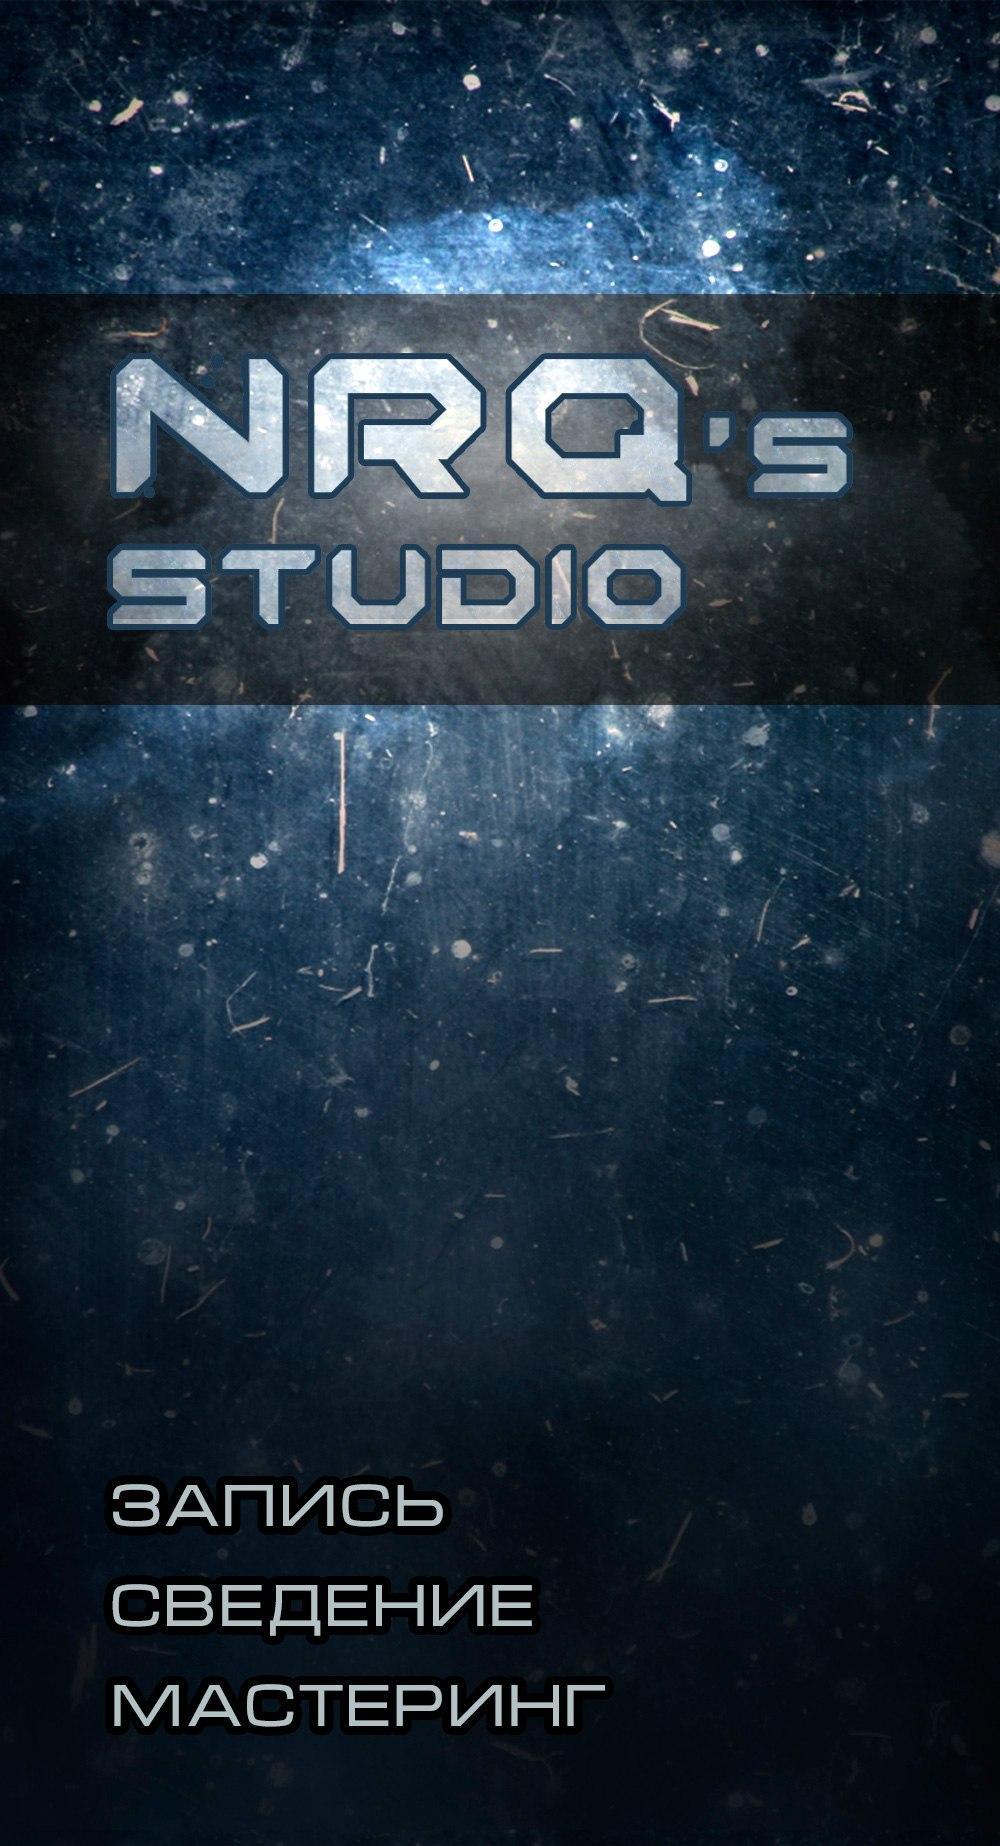 Лого студии